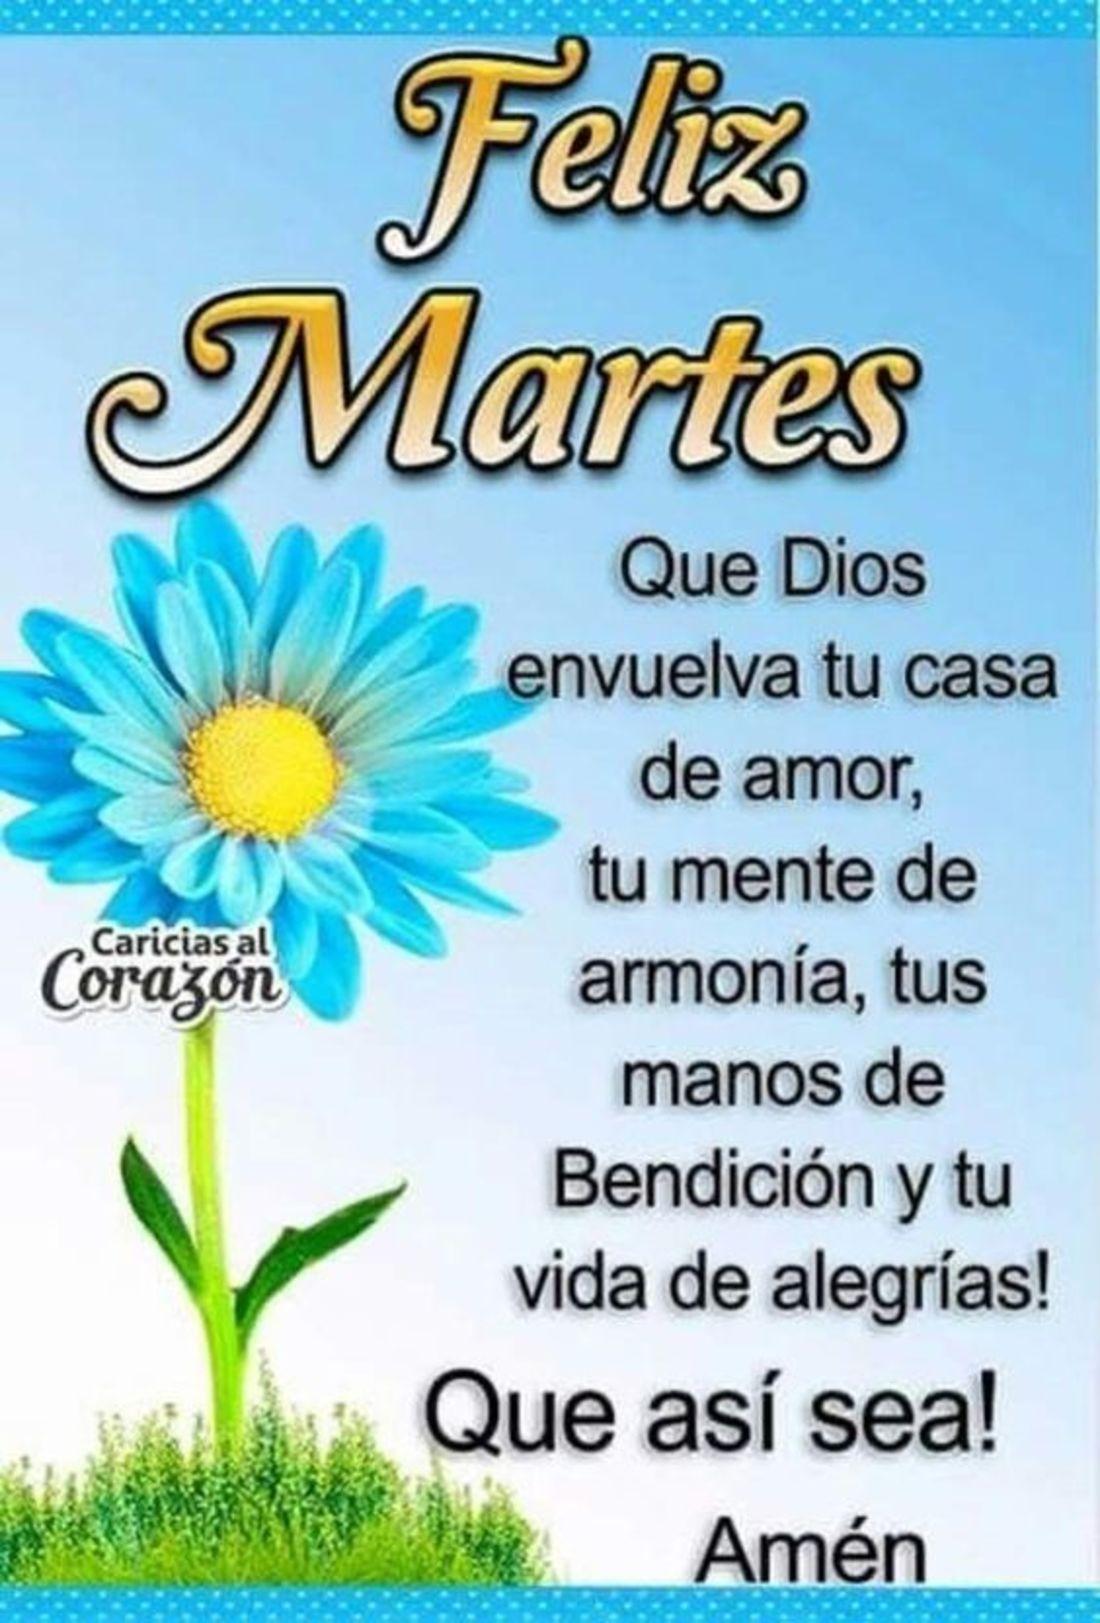 Feliz Martes que Dios envuelva tu casa de amor, tu mente de armonia, tus manos de bendicion y tu vida de alegrias! Que asi sea! amen